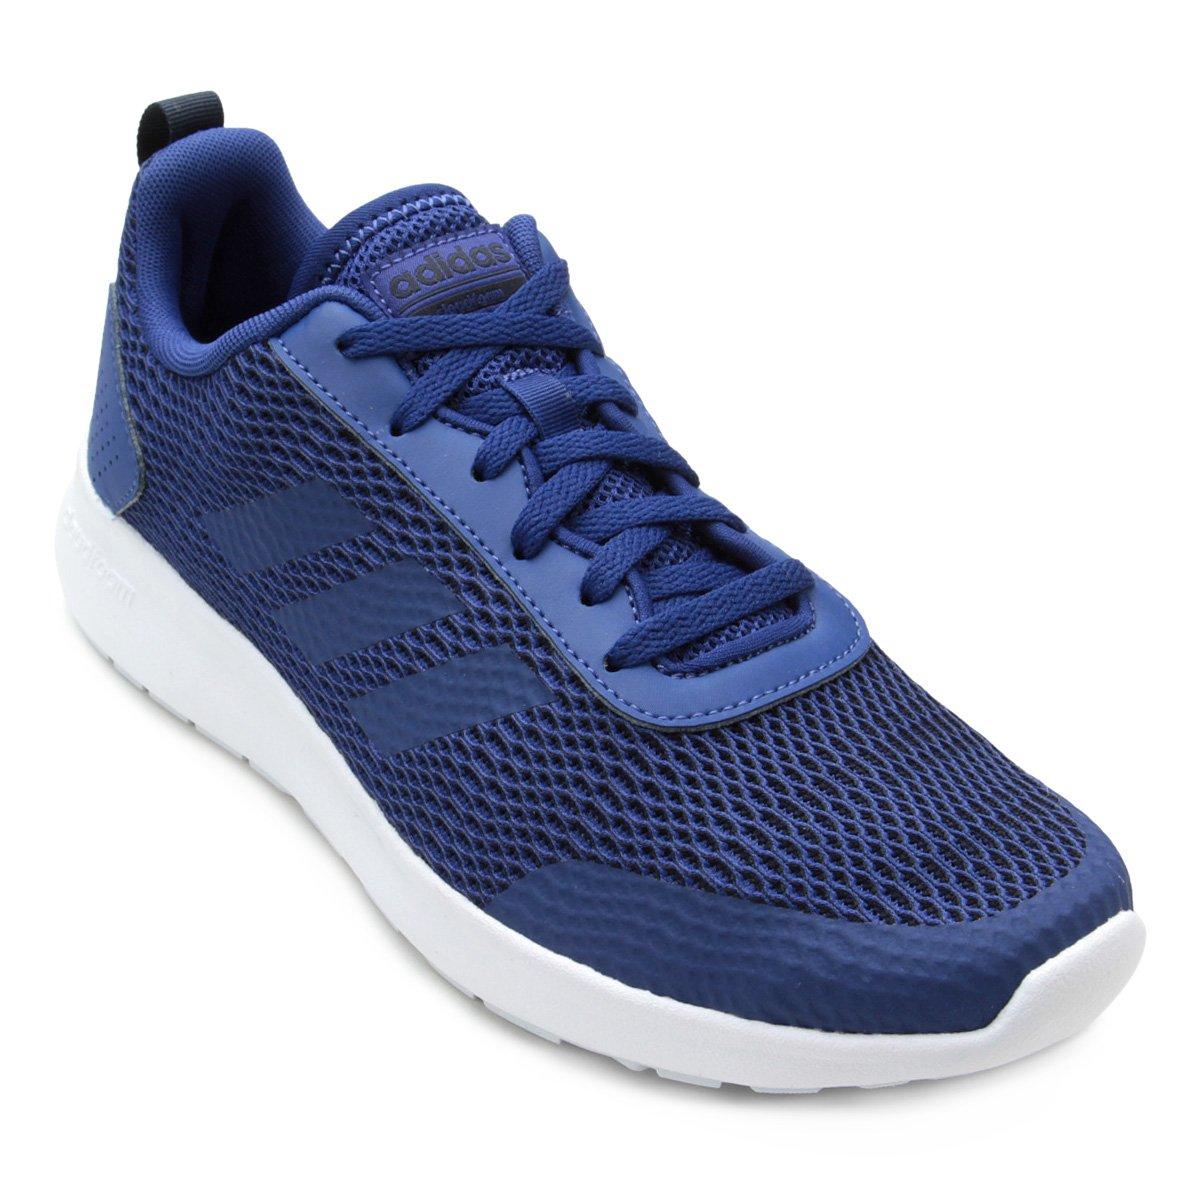 Azul Feminino Tênis Feminino Adidas Race Element Element Azul CF CF Tênis Race Adidas 6qT7Tw